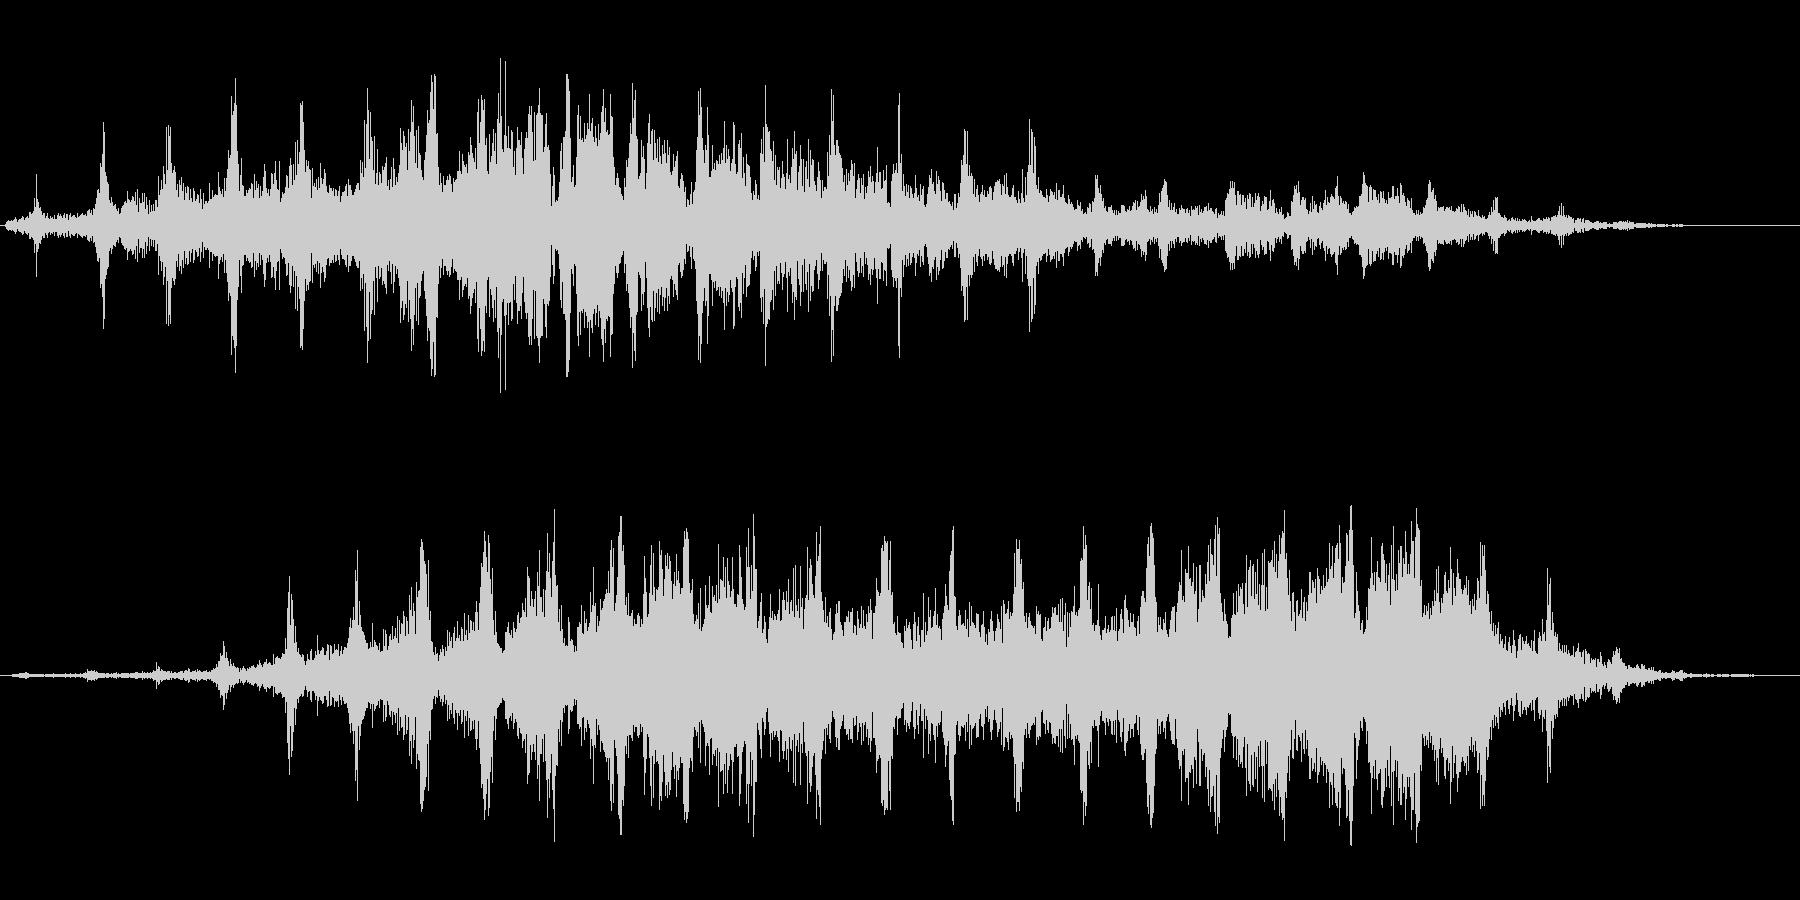 シャシャシャ(高い刻みのついた効果音)の未再生の波形